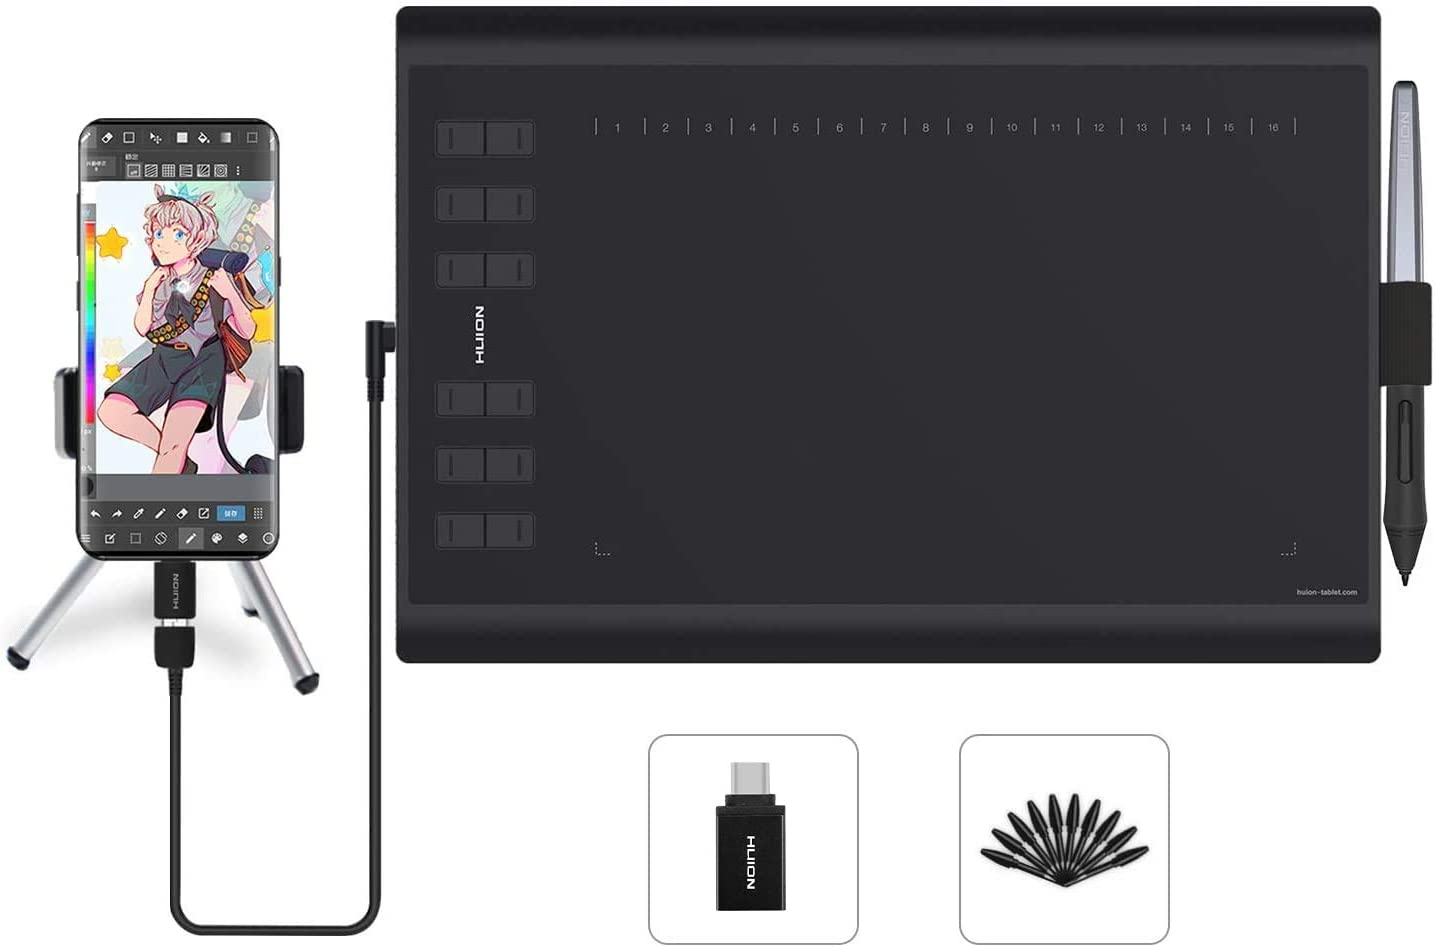 HUION H1060P Tableta gráfica con área de Trabajo de 10 x 6.25 Pulgadas con una Mejora Soporte de lápiz óptico sin batería Enseñanza y Trabajo en línea, y Uso de conferencias Web